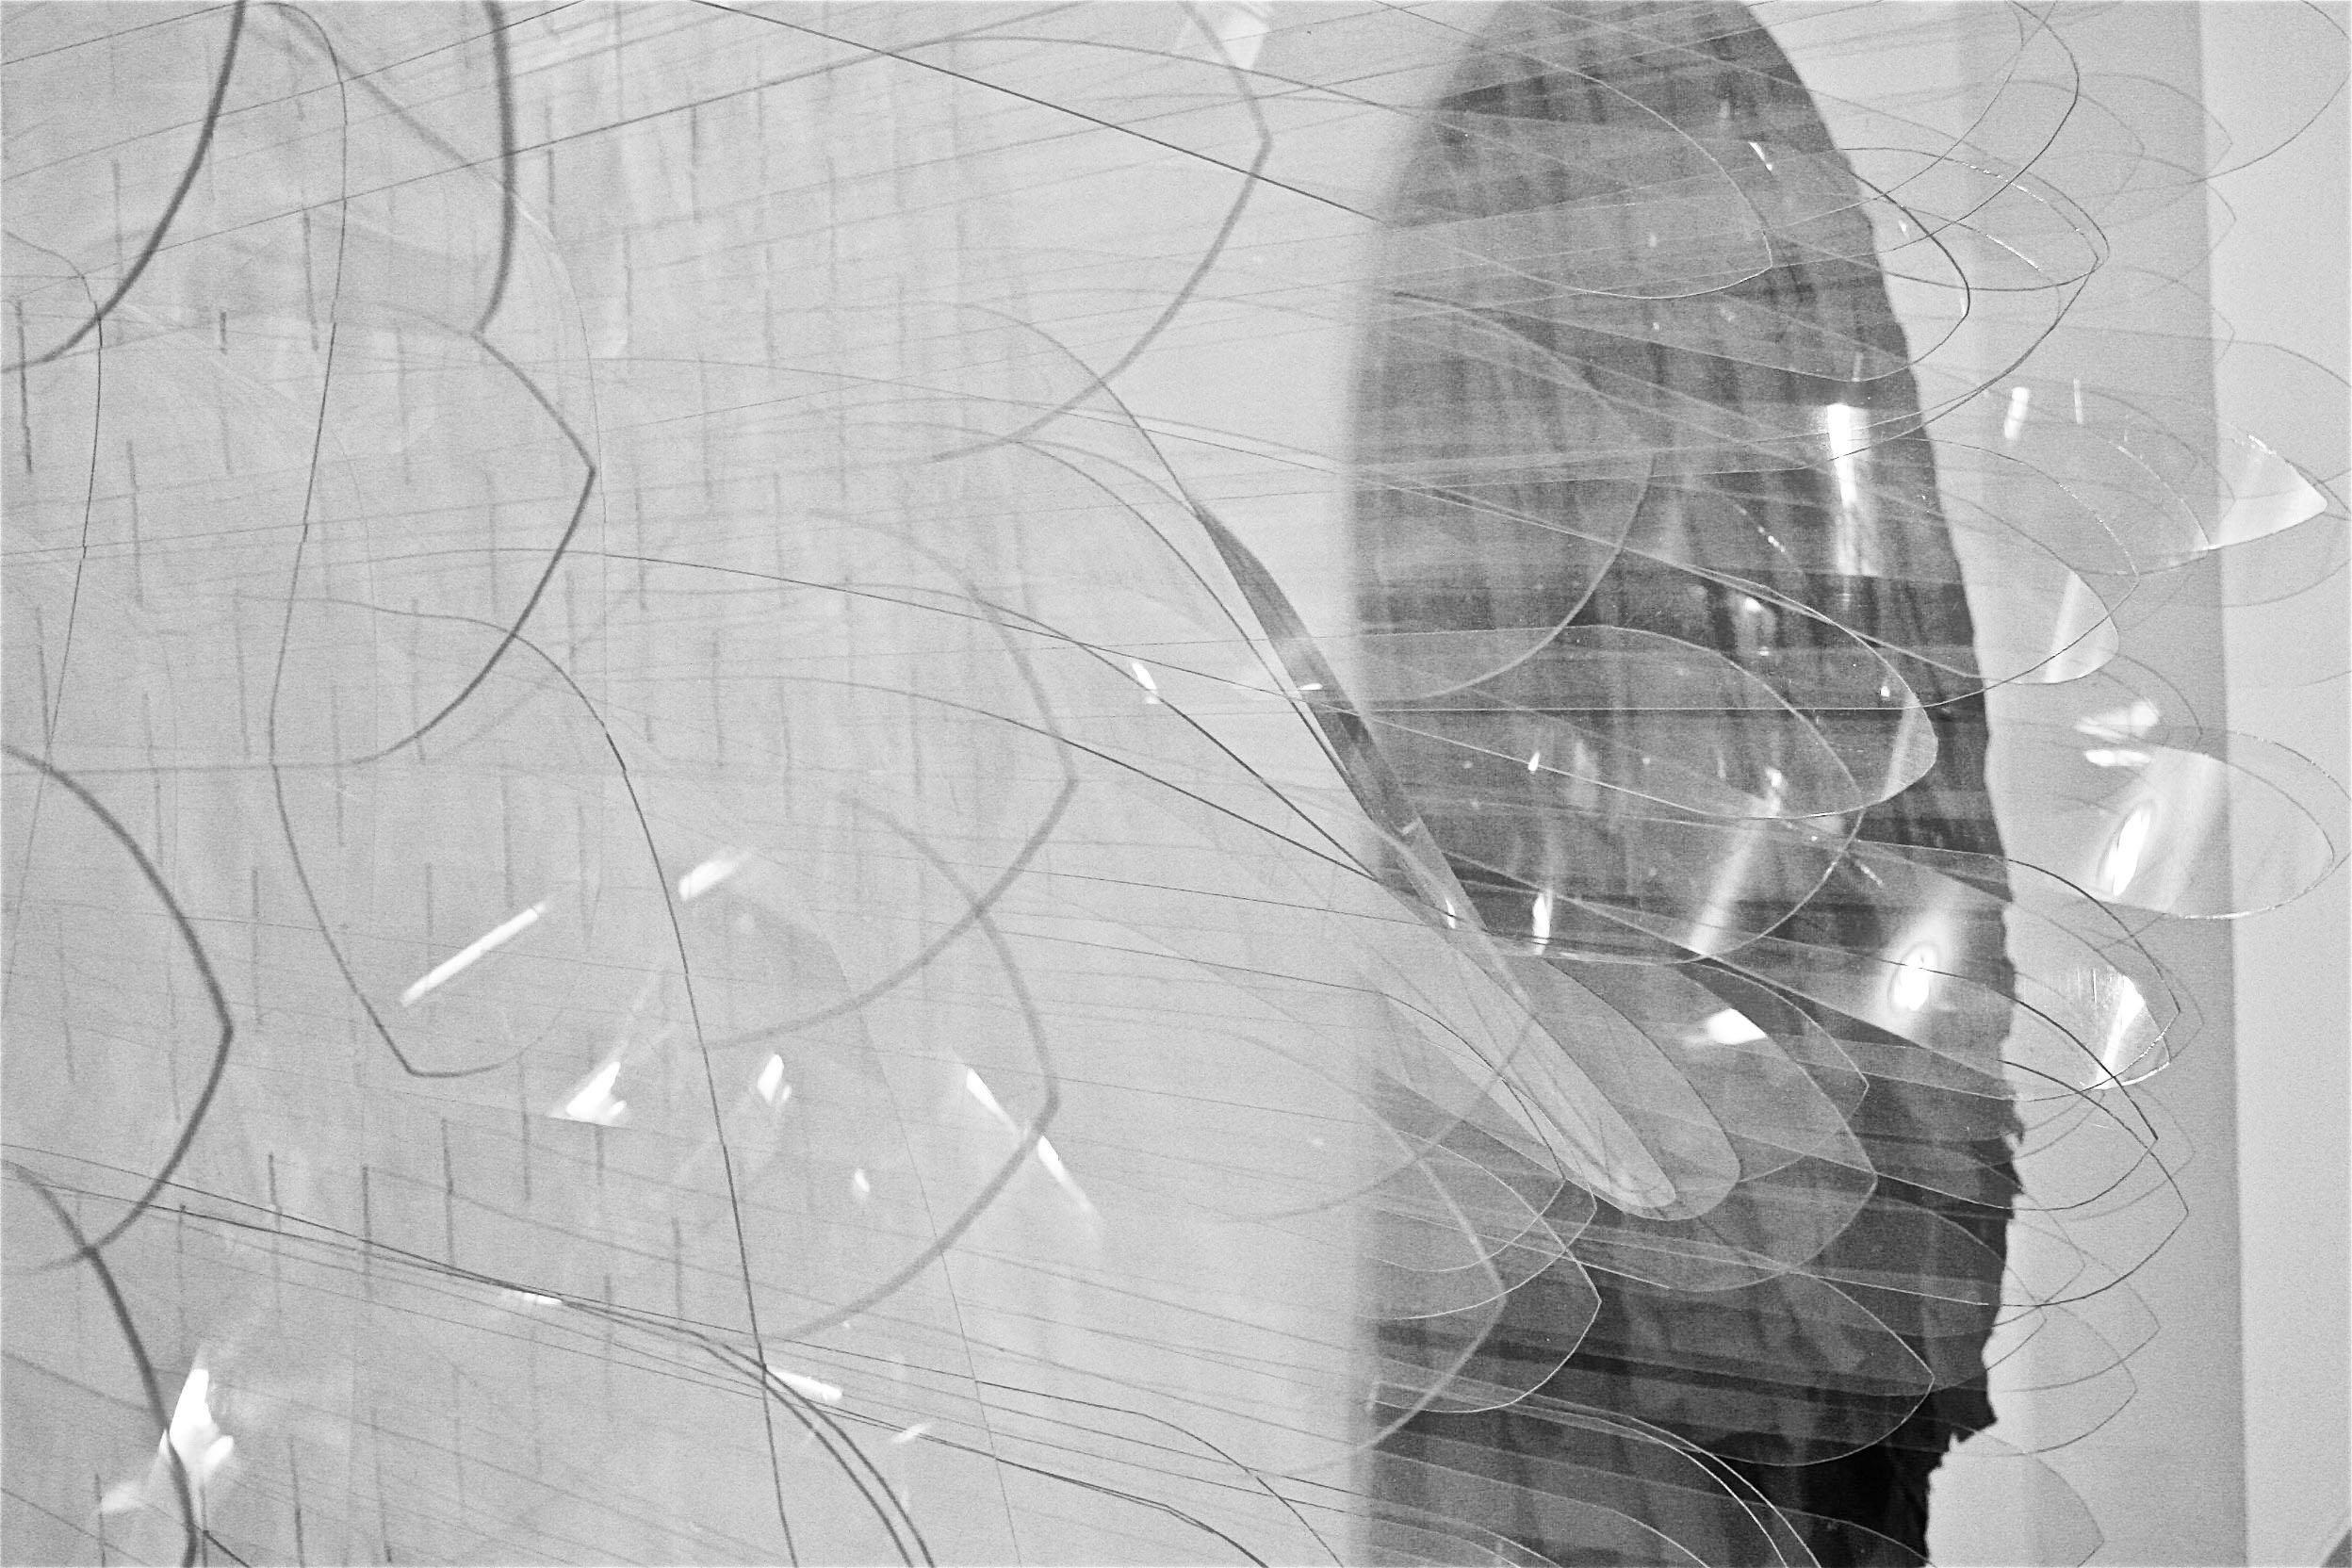 'B/N'. Instalación. 2 círculos de Ippon Light B/P y negro, 120 cm diámetro c.u. Policarbonato compacto transparente 1 m/m y papel craft negro